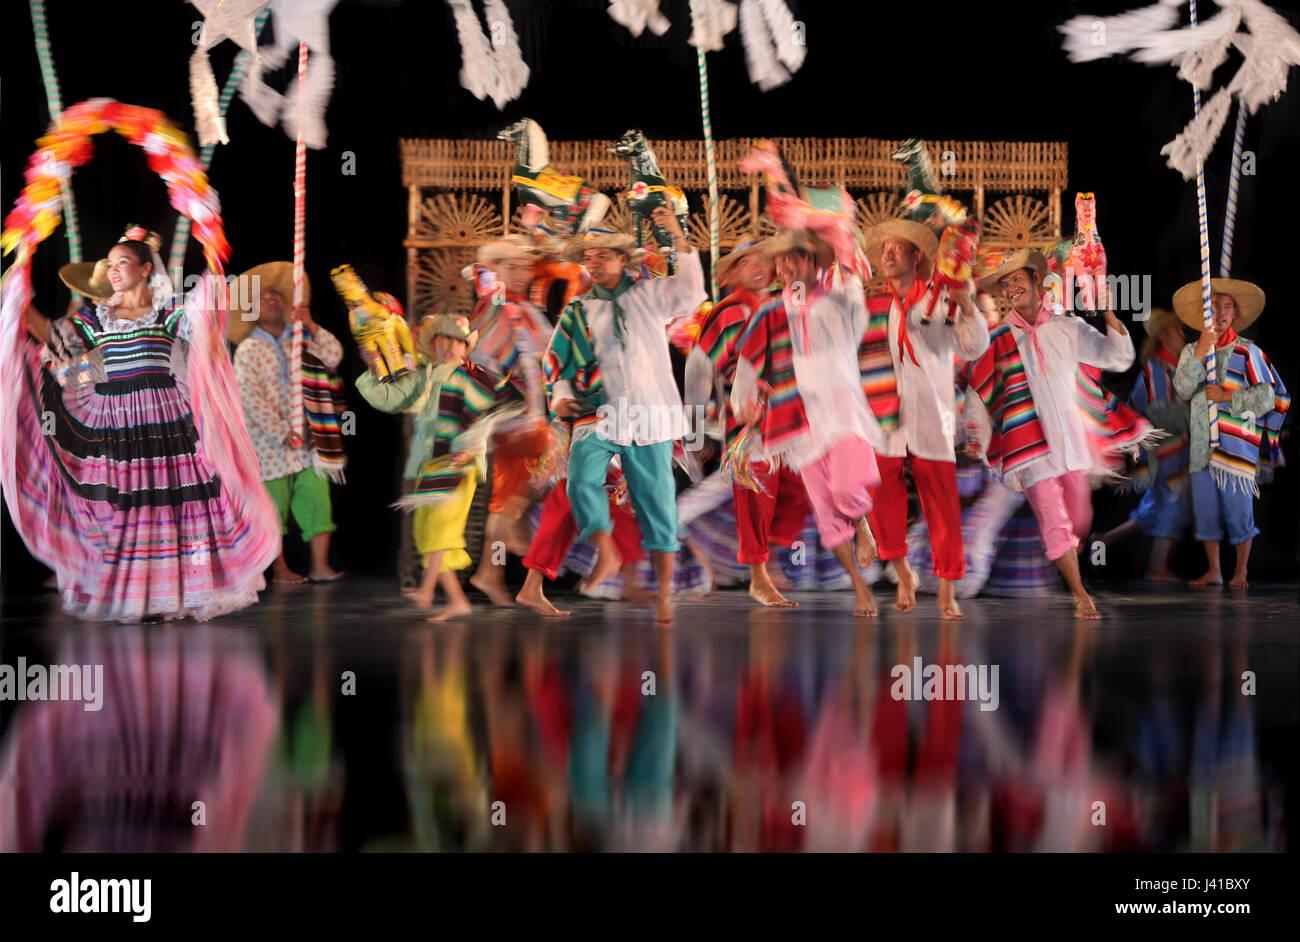 En un espectáculo bailarines vistiendo coloridos trajes, cultura, entretenimiento, Villa Escudero, Manila, Imagen De Stock